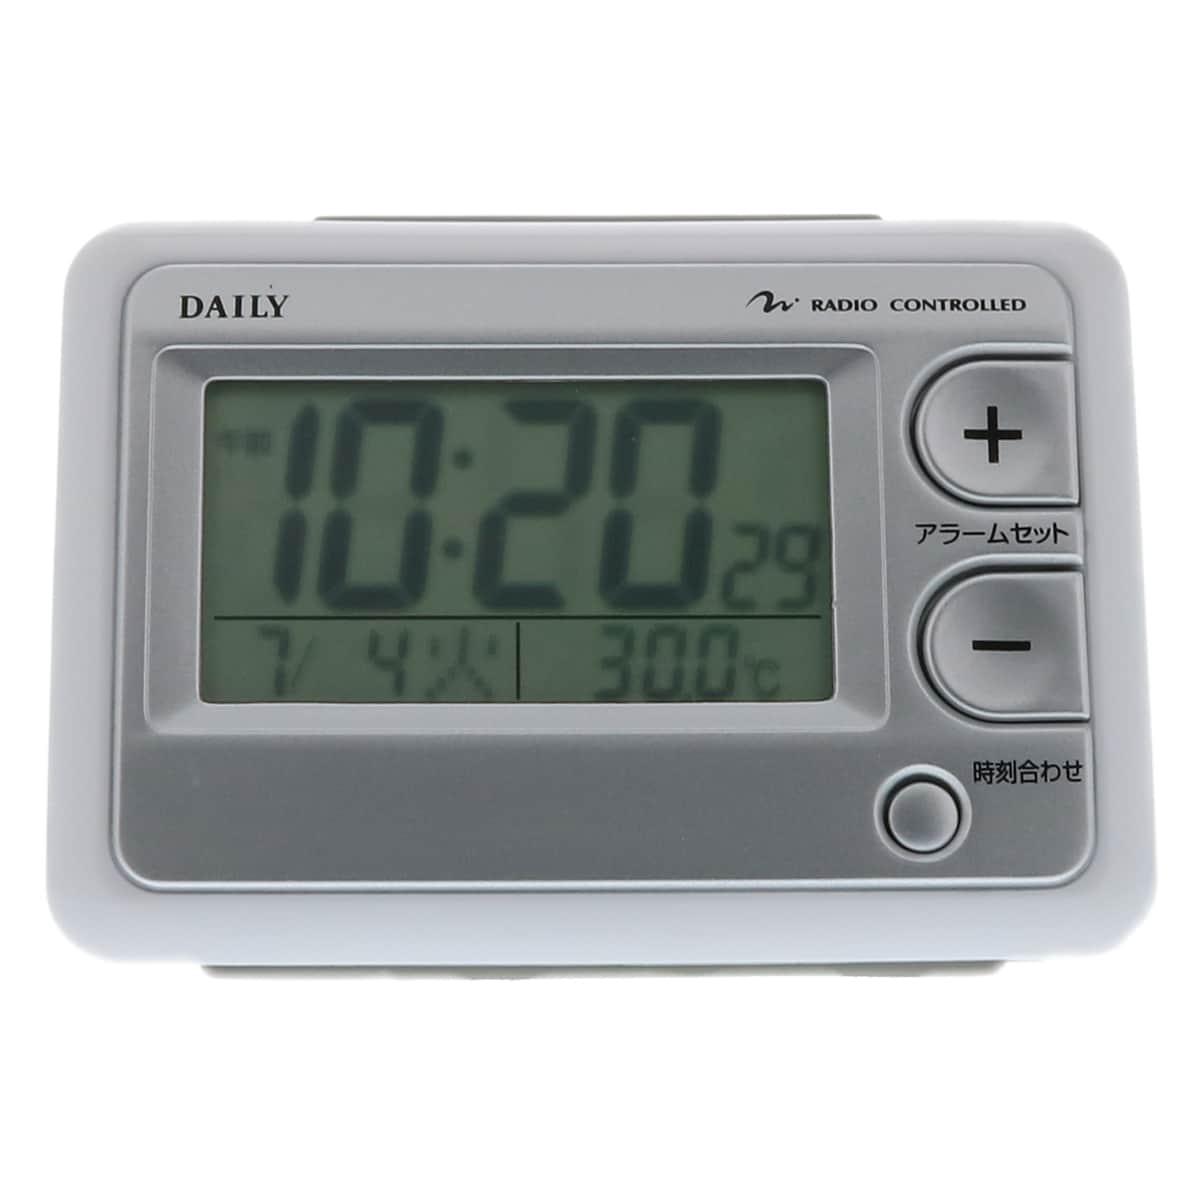 リズム時計 デイリー 目覚まし電波時計 ジャストウェーブ 8RZ095